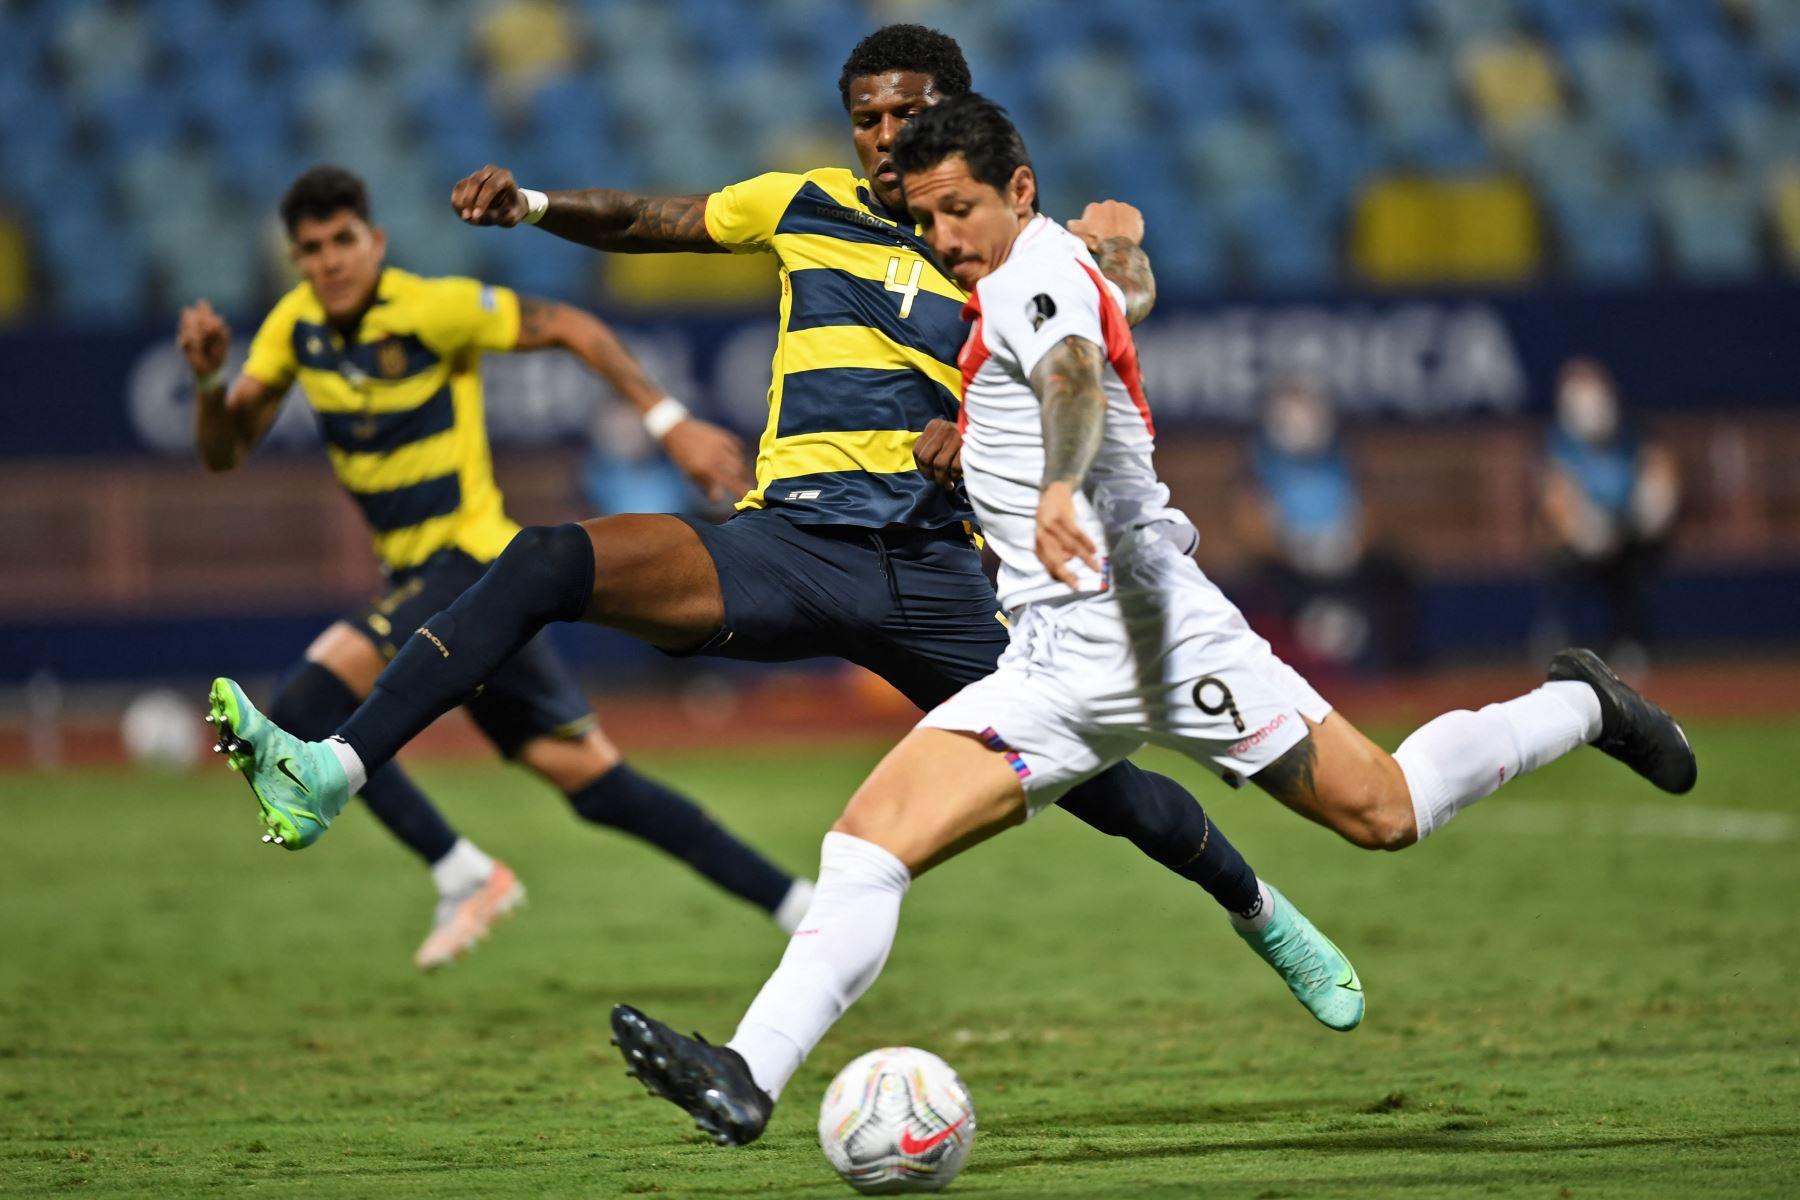 El peruano Gianluca Lapadula dispara para anotar contra Ecuador durante el partido de la fase de grupos del torneo de fútbol Conmebol Copa América 2021 en el Estadio Olímpico de Goiania, Brasil. Foto: AFP